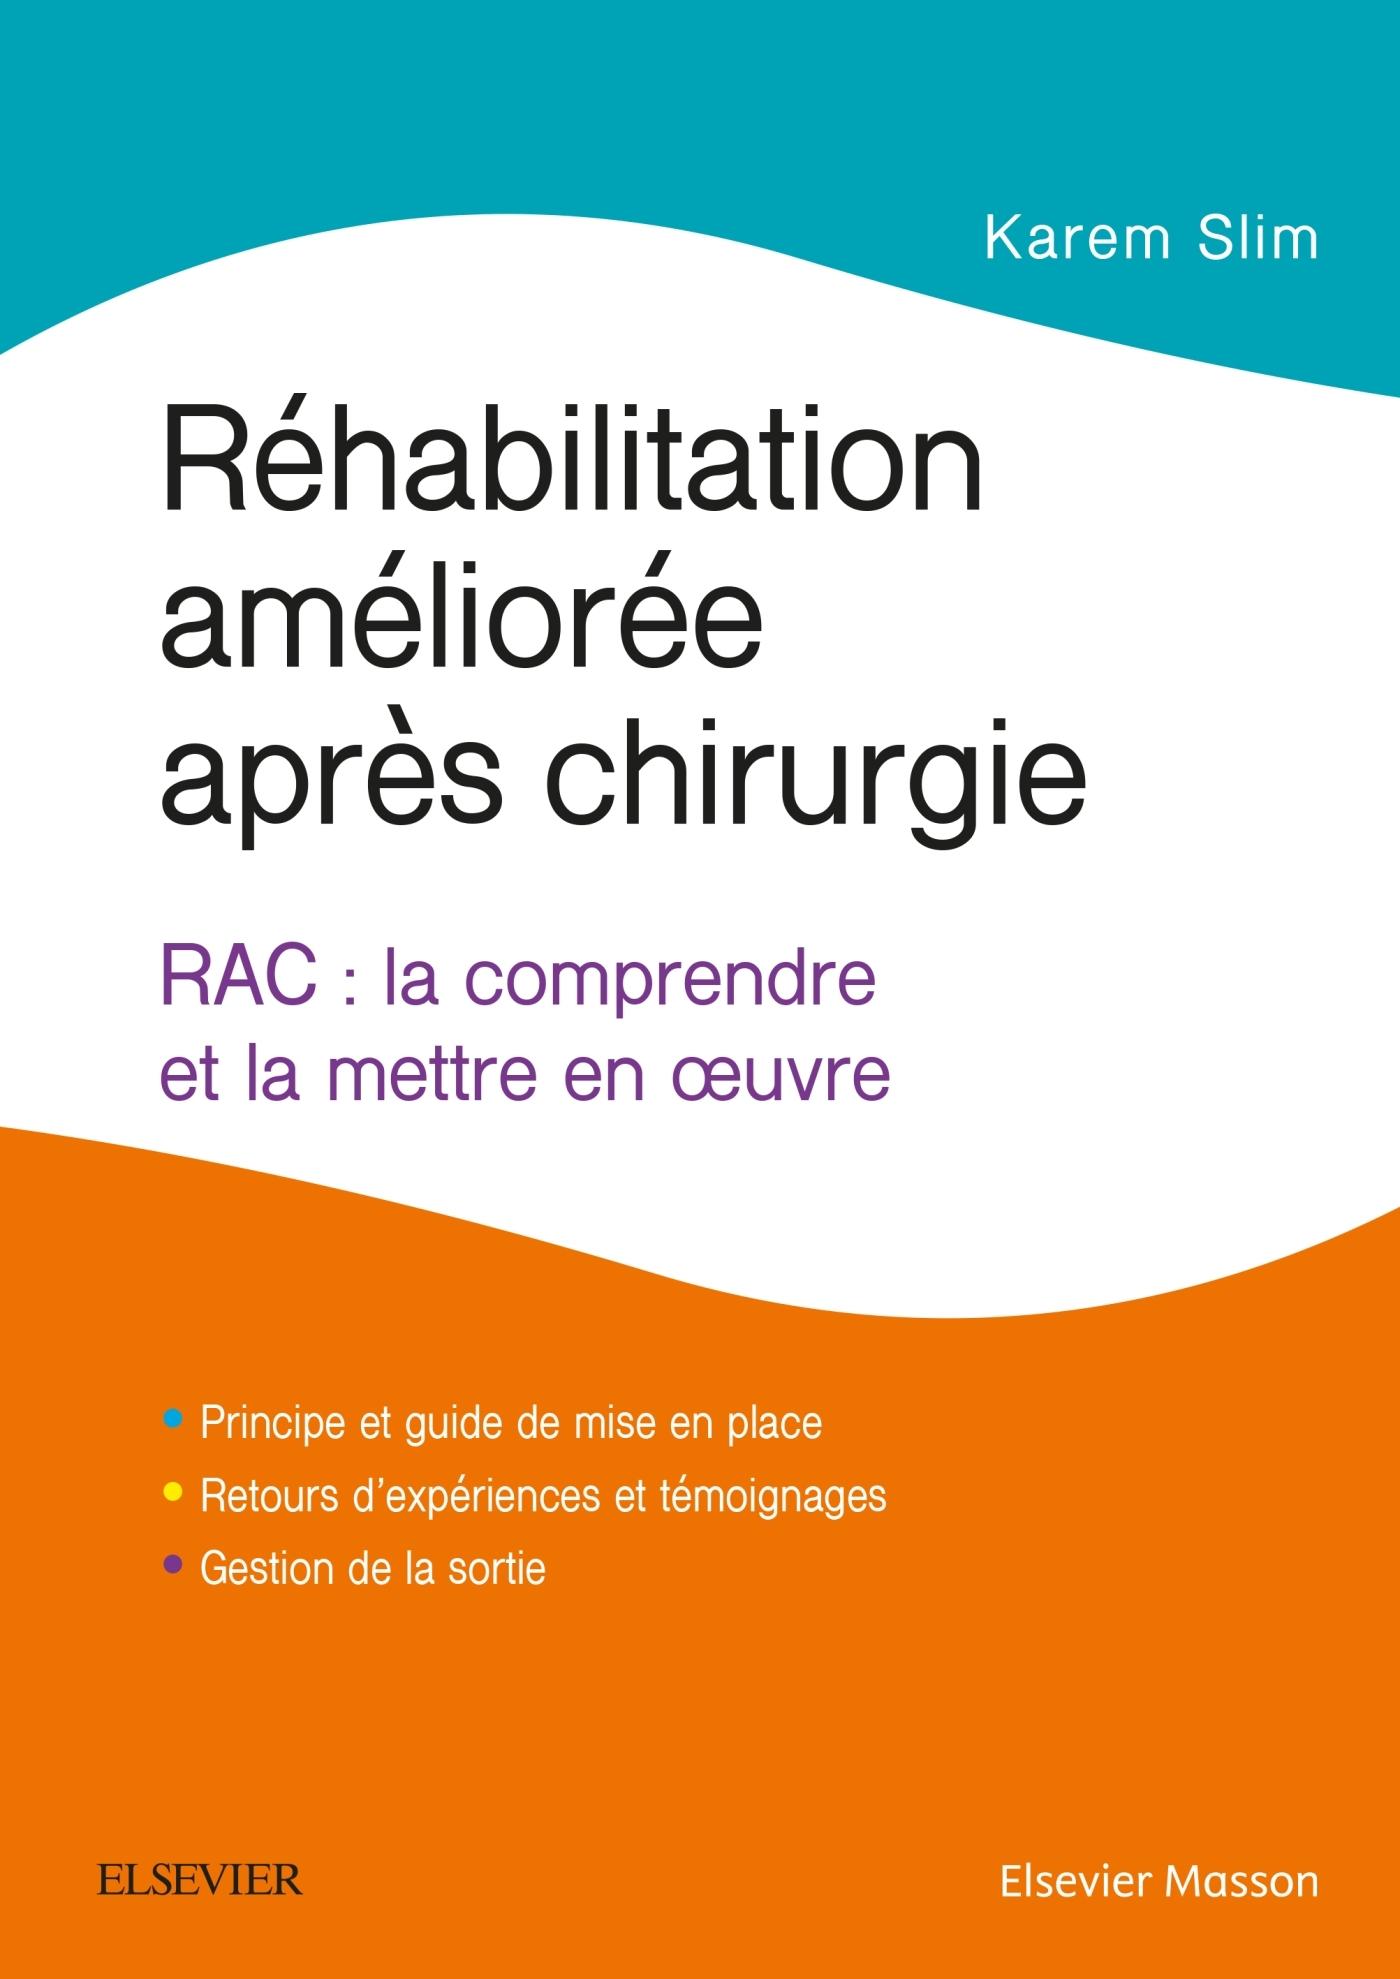 REHABILITATION AMELIOREE APRES CHIRURGIE